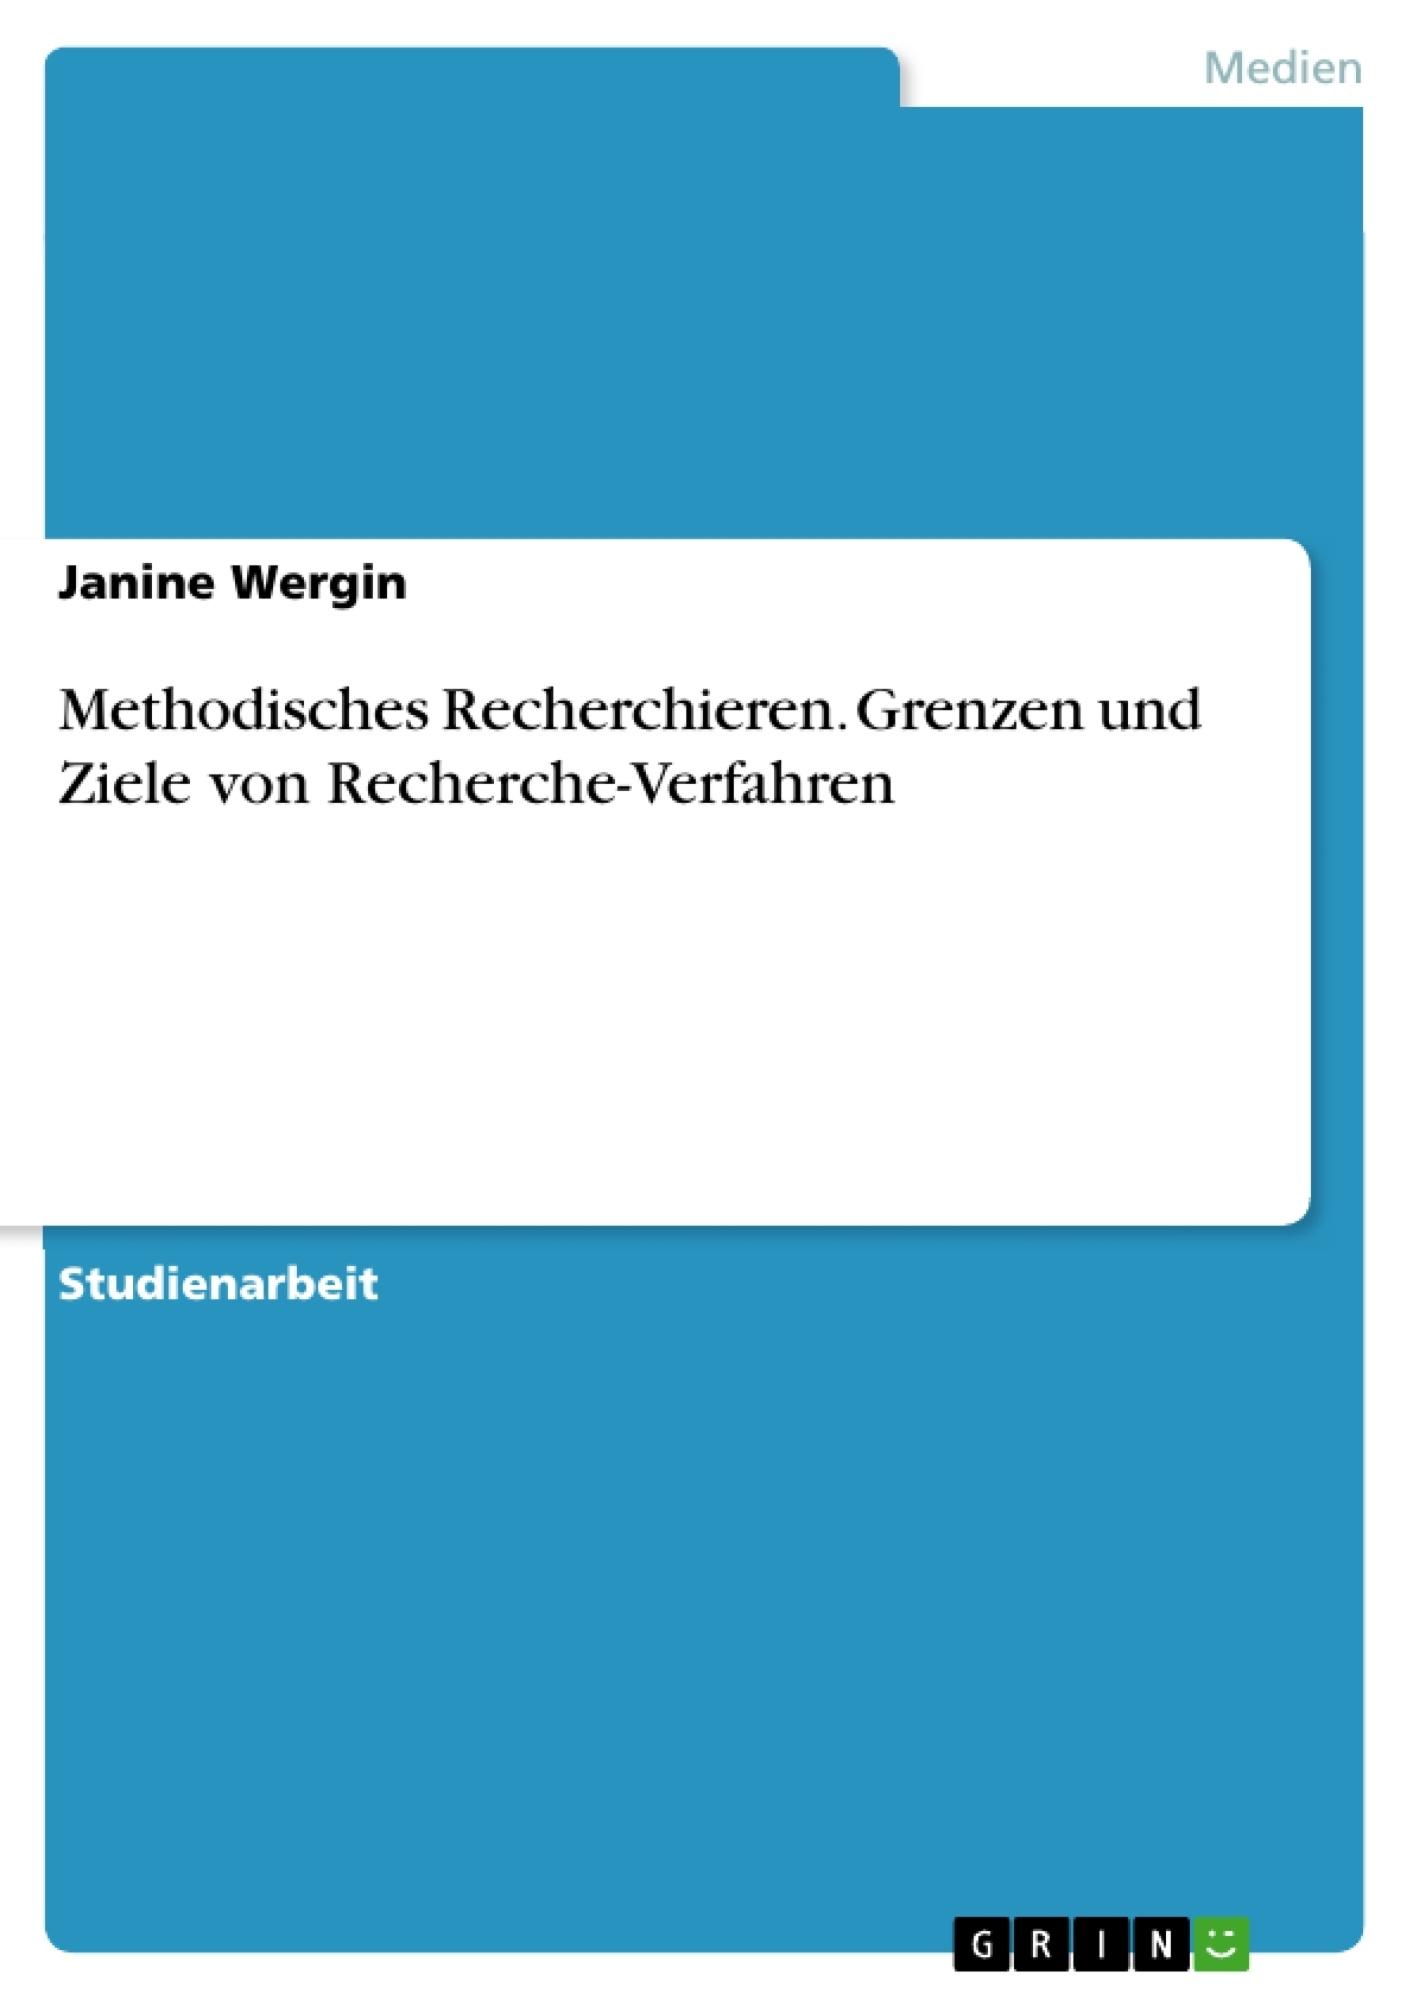 Titel: Methodisches Recherchieren. Grenzen und Ziele von Recherche-Verfahren